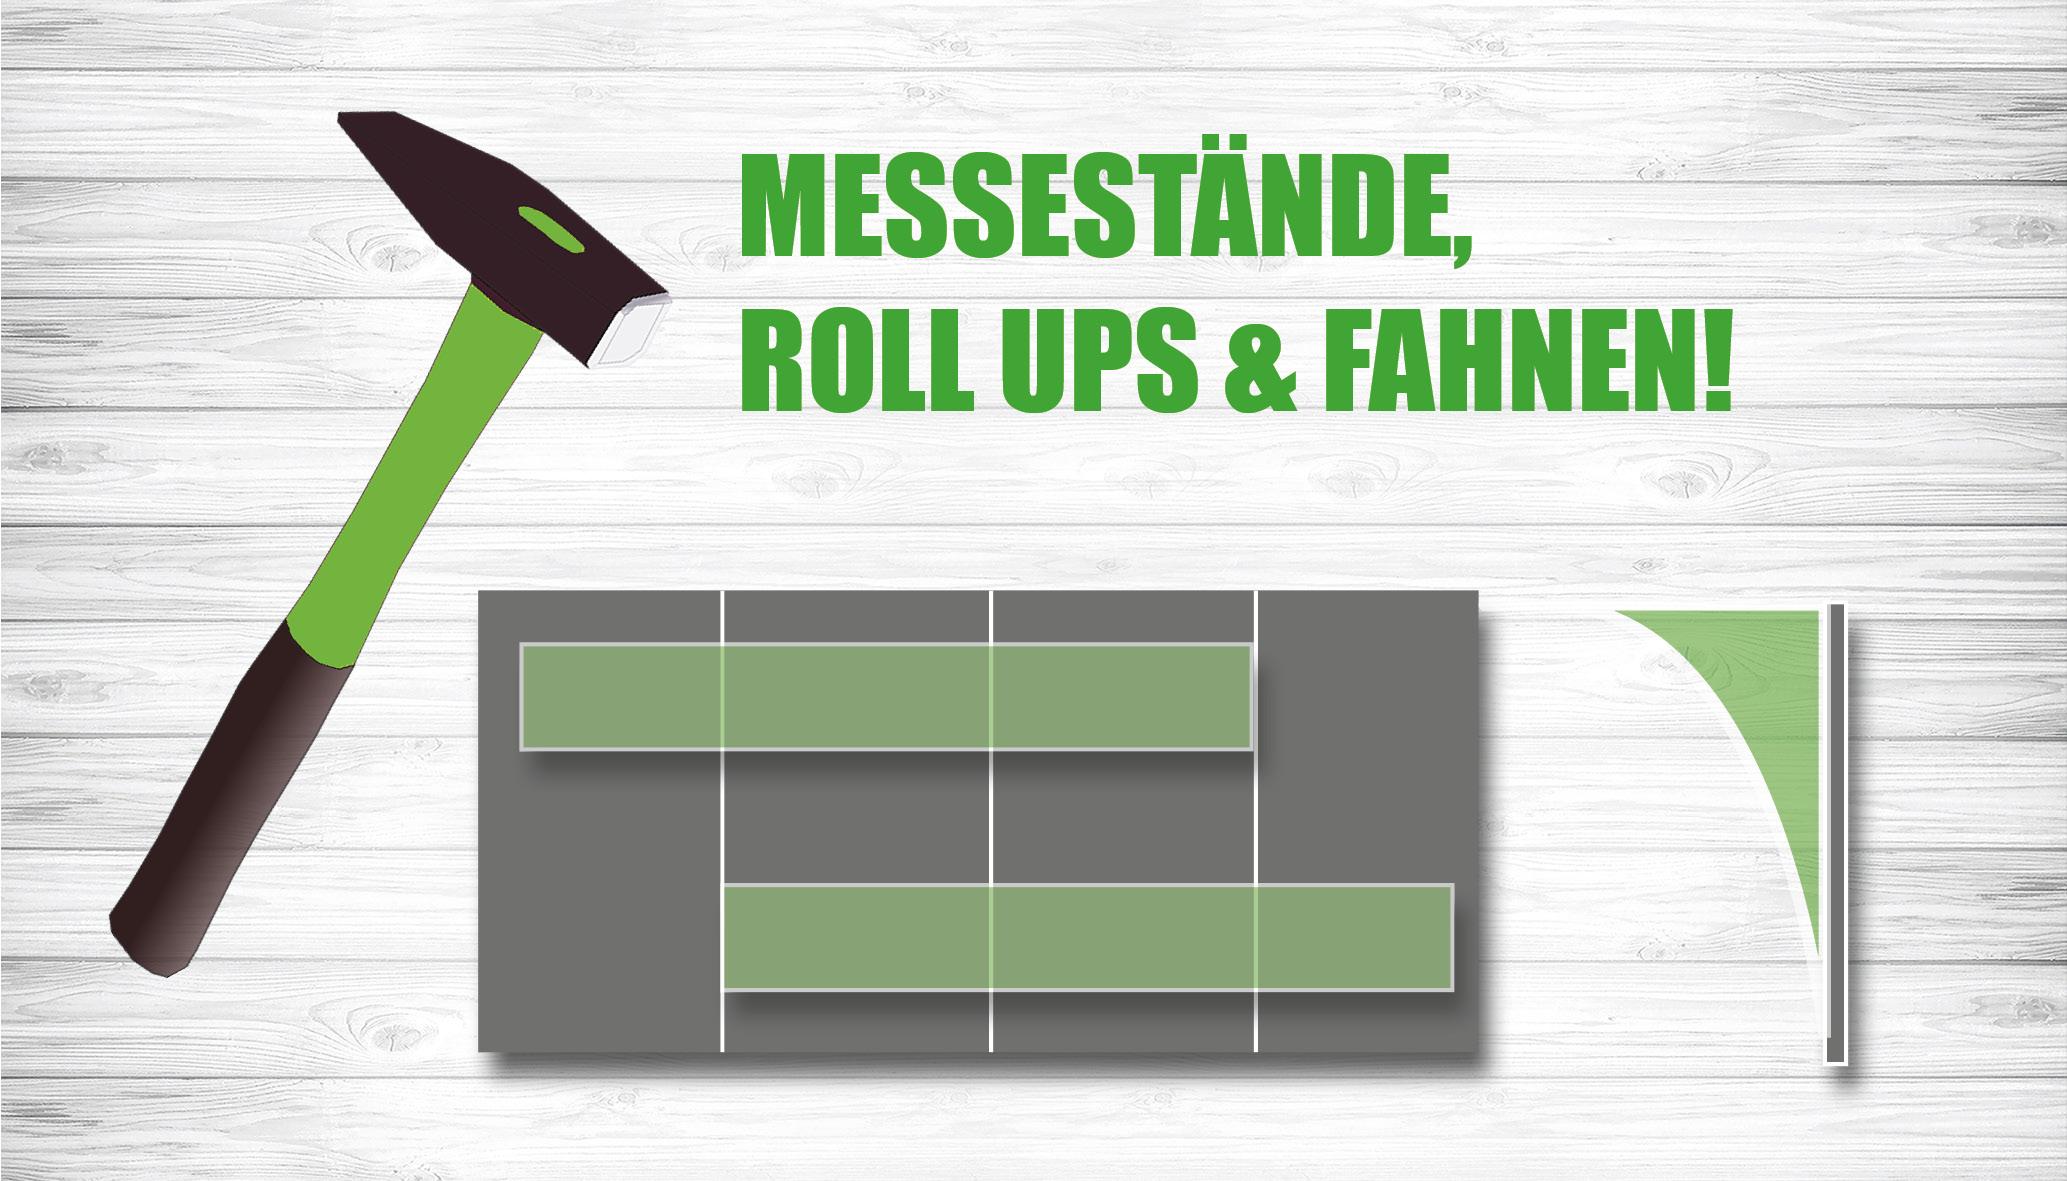 Slideshow_Messestände_Rollups_und_Fahnen